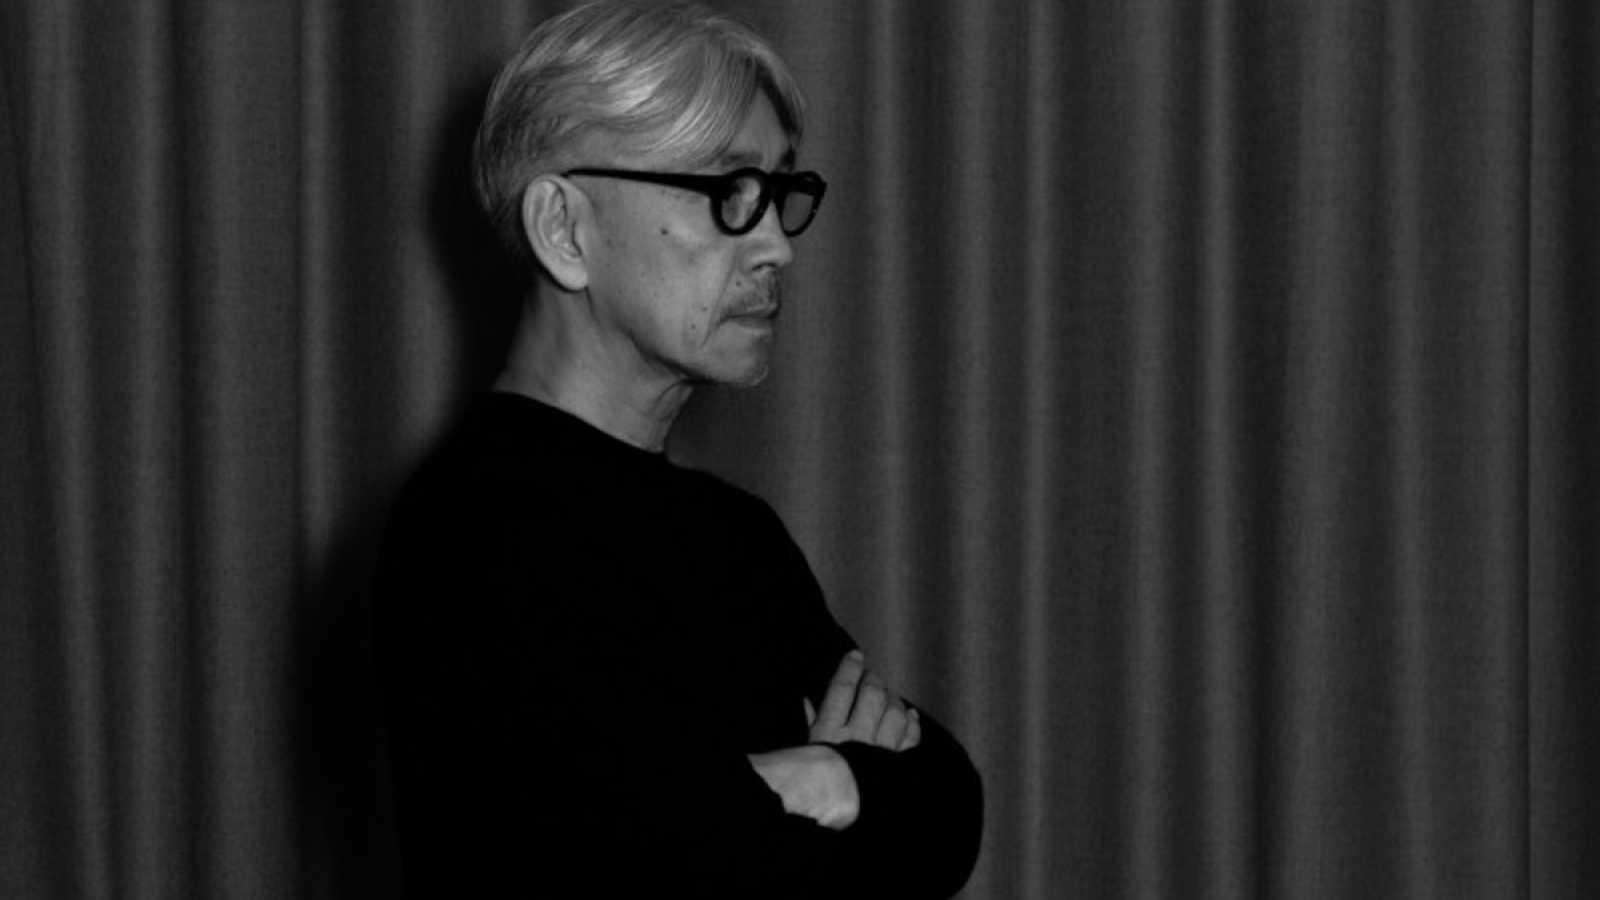 Elokuvatärppejä: Sakamoton musiikkia Proximassa, MIYAVI Maleficentin jatko-osassa © Ryuichi Sakamoto. All Rights Reserved.